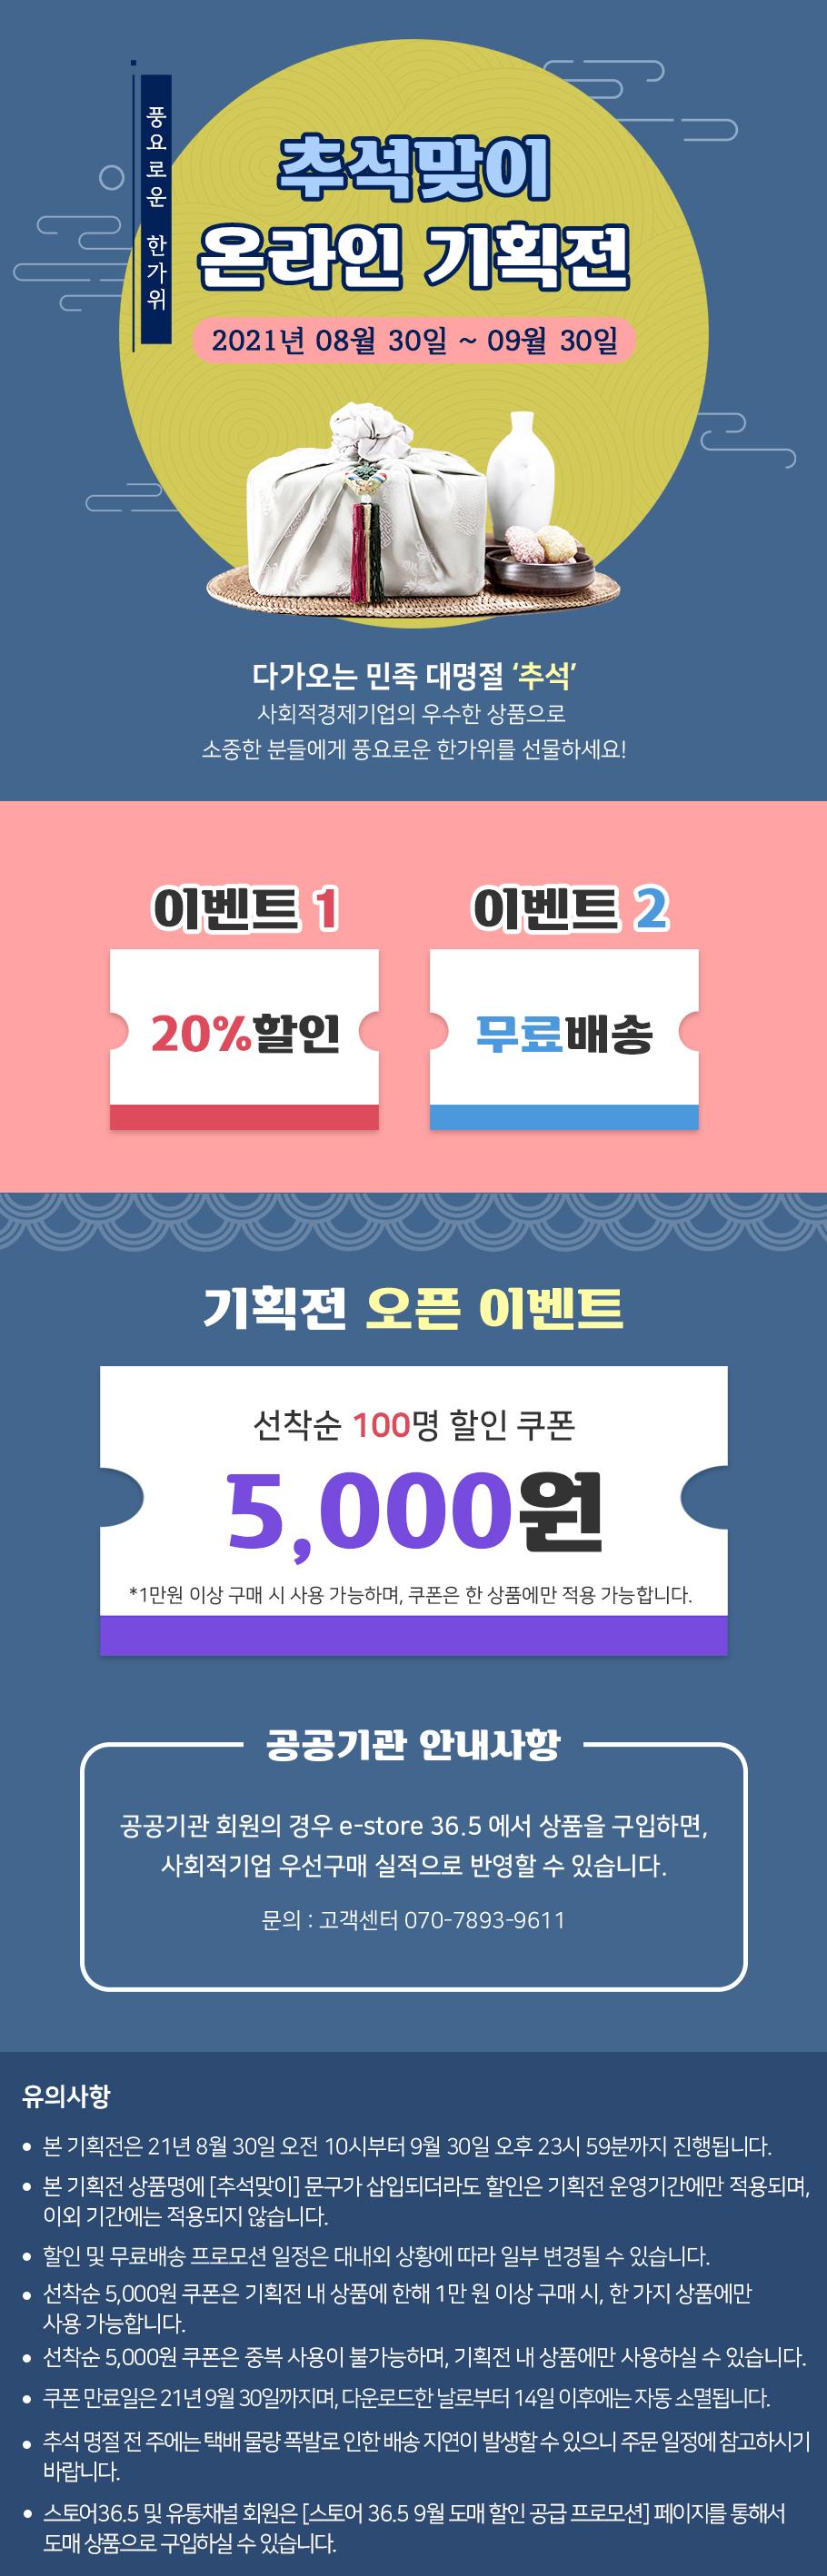 e-store 36.5 추석맞이 온라인 기획전 안내(8.30.~9.30.)